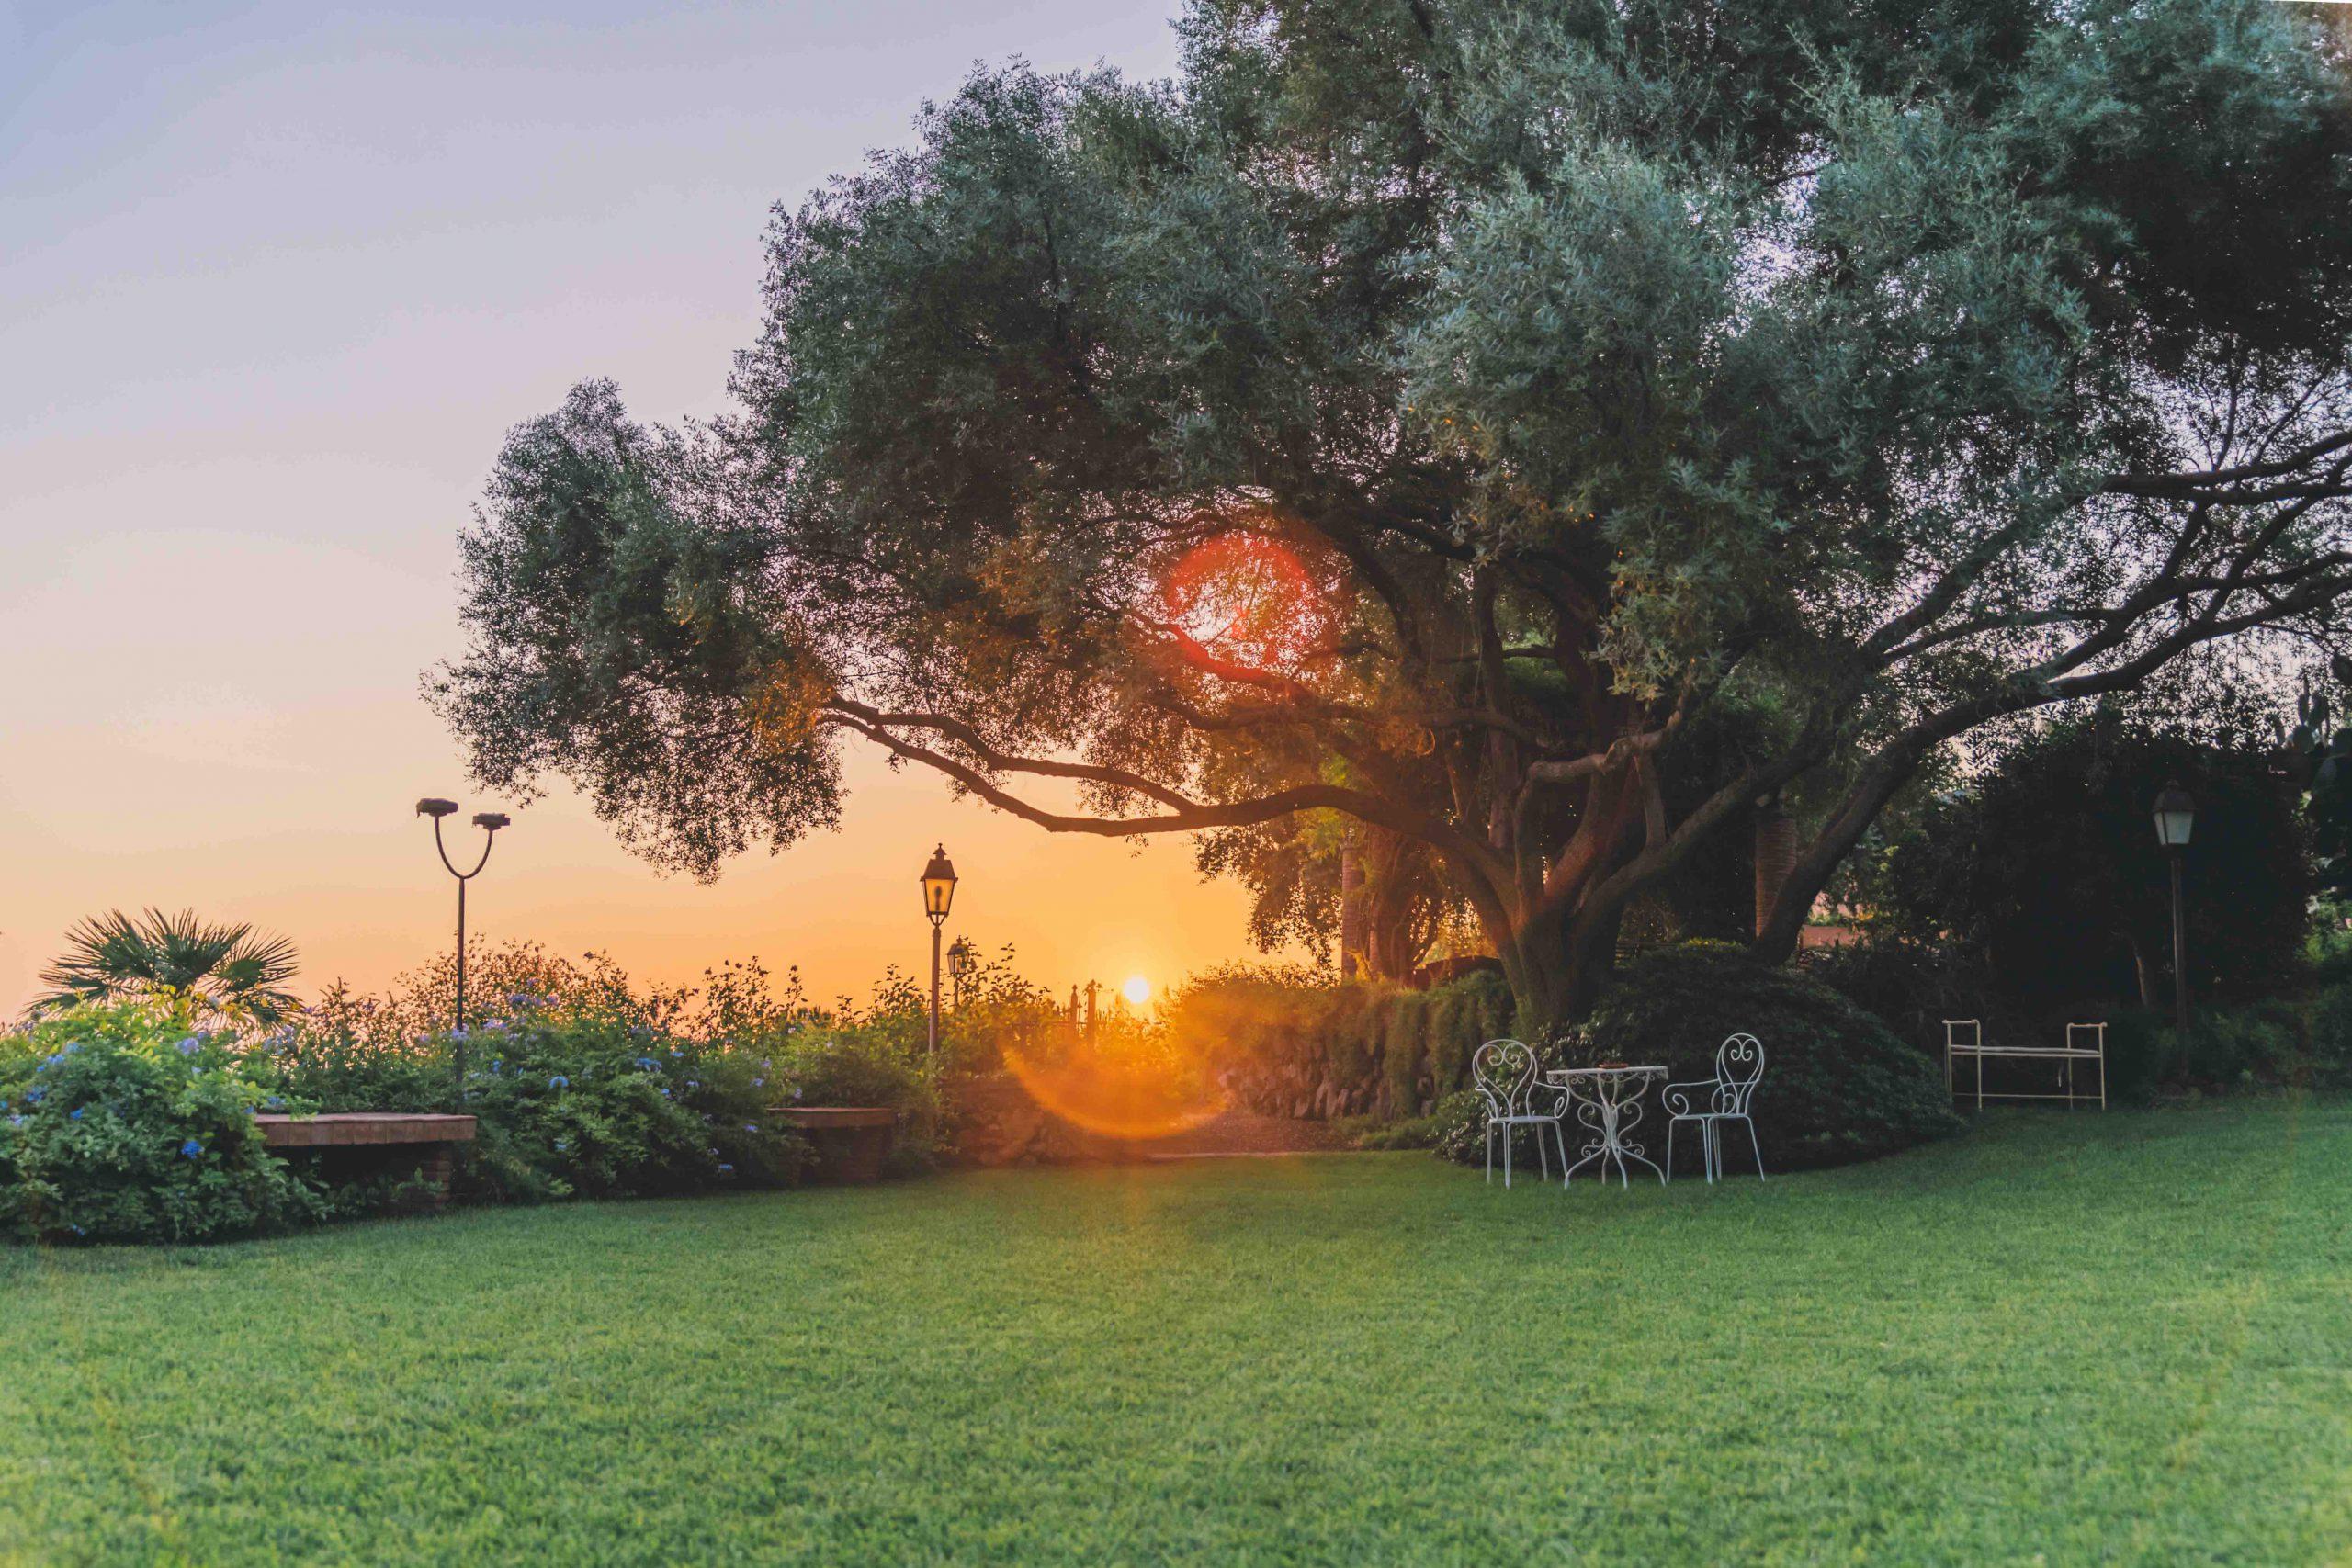 Il sole saluta ancora una volta questa terra per tornare a splendere più di prima domani. Ed è lì che dobbiamo soffermarci a guardare: al futuro radioso che ci aspetta e alle ore felici che celebrano la nascita di un nuovo amore. A Villa Musmeci le porte sono sempre aperte ai matrimoni immersi nella natura.